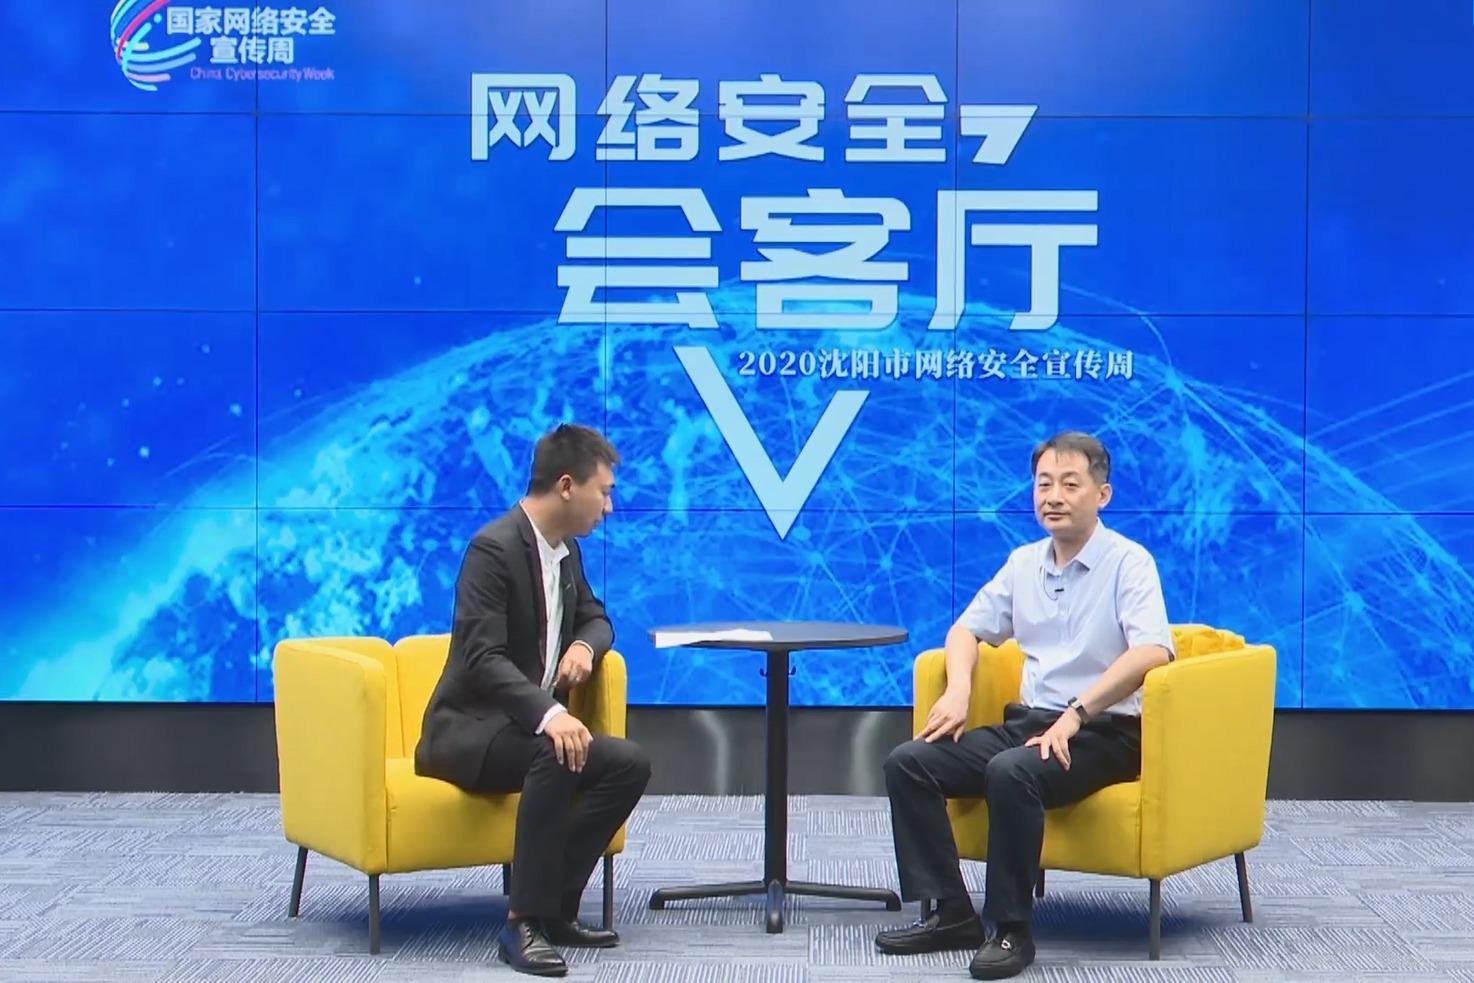 2020沈阳网络安全宣传周部门谈-沈阳市总工会副主席 王峰